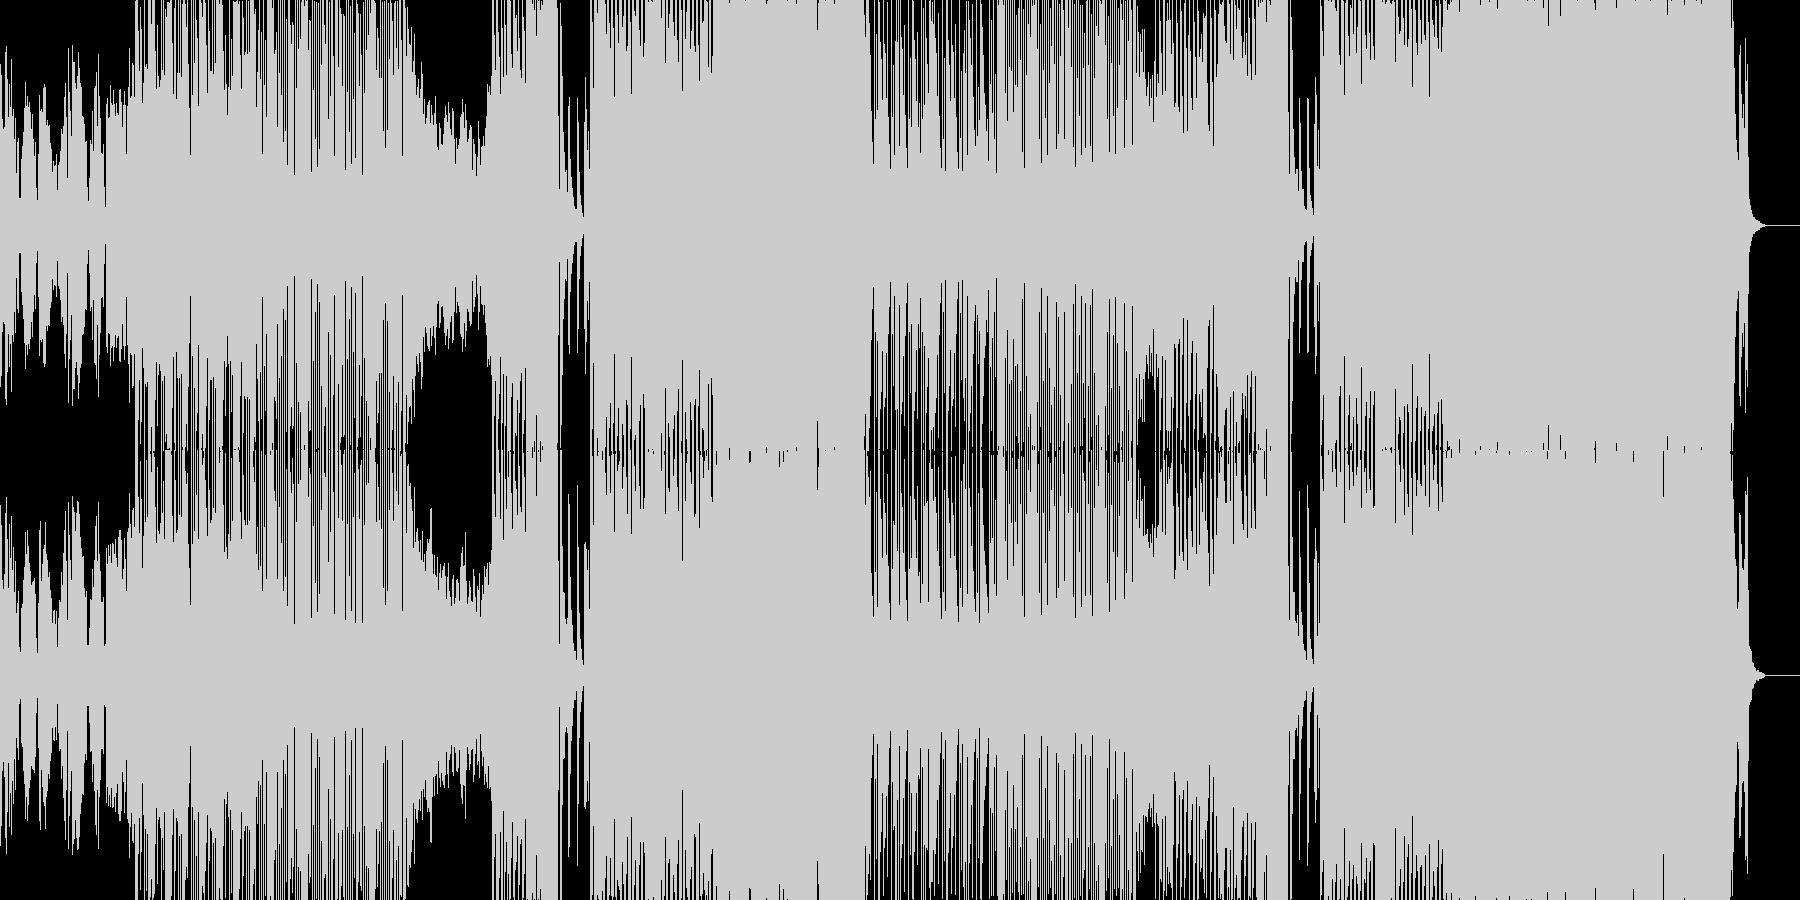 動画広告用/ヒップホップ/ラップの未再生の波形